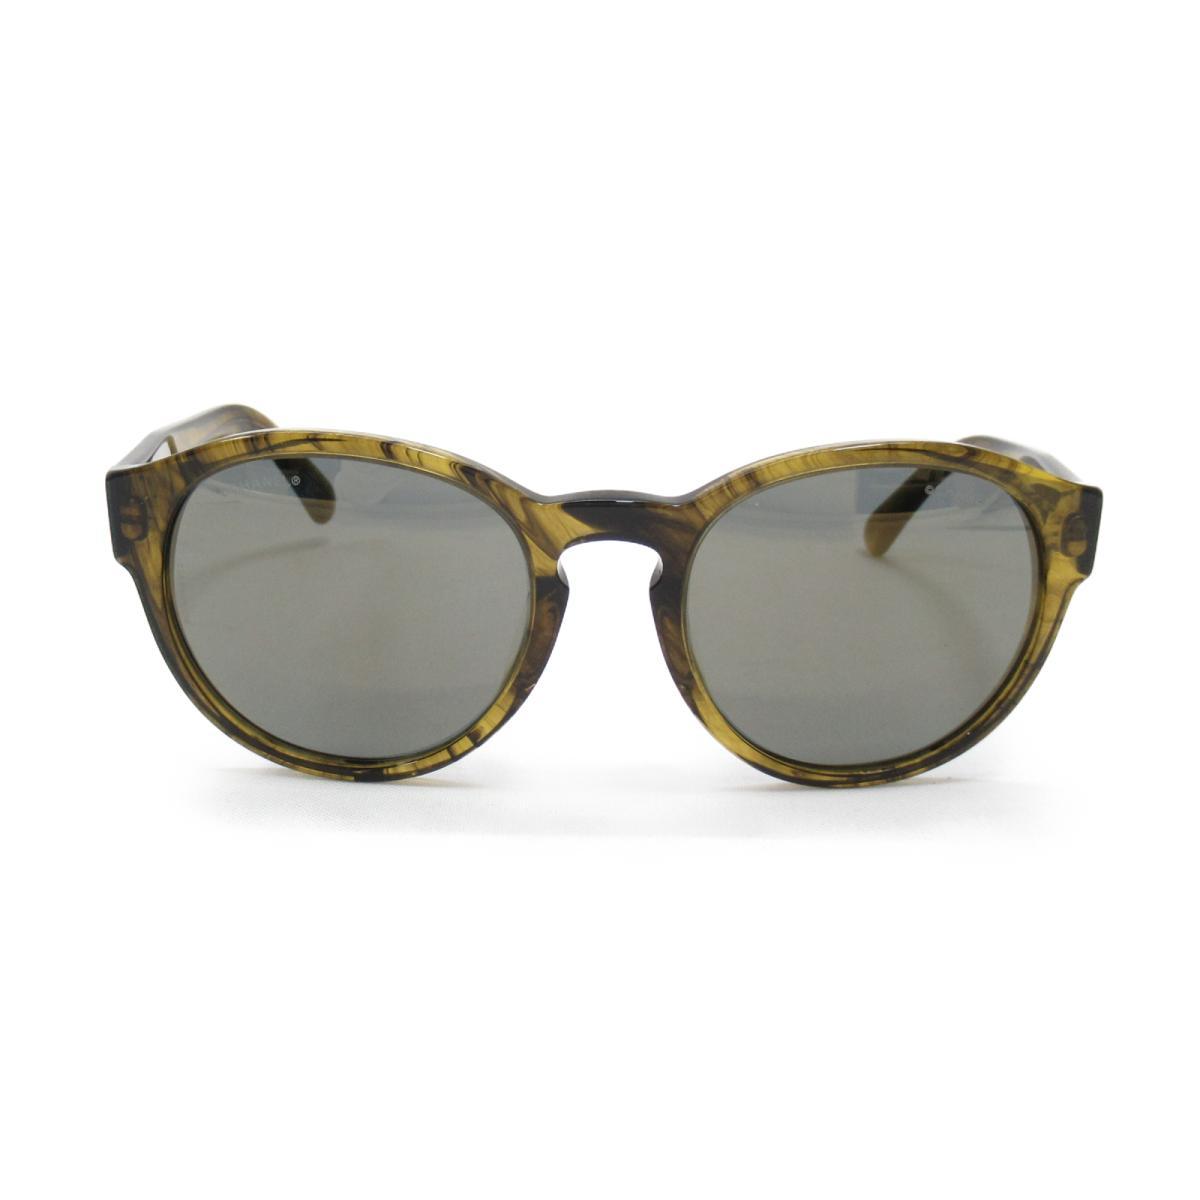 【中古】 シャネル サングラス レディース プラスチック マルチカラー (5359-A c.1568/Y9) | CHANEL BRANDOFF ブランドオフ ブランド 眼鏡 メガネ めがね